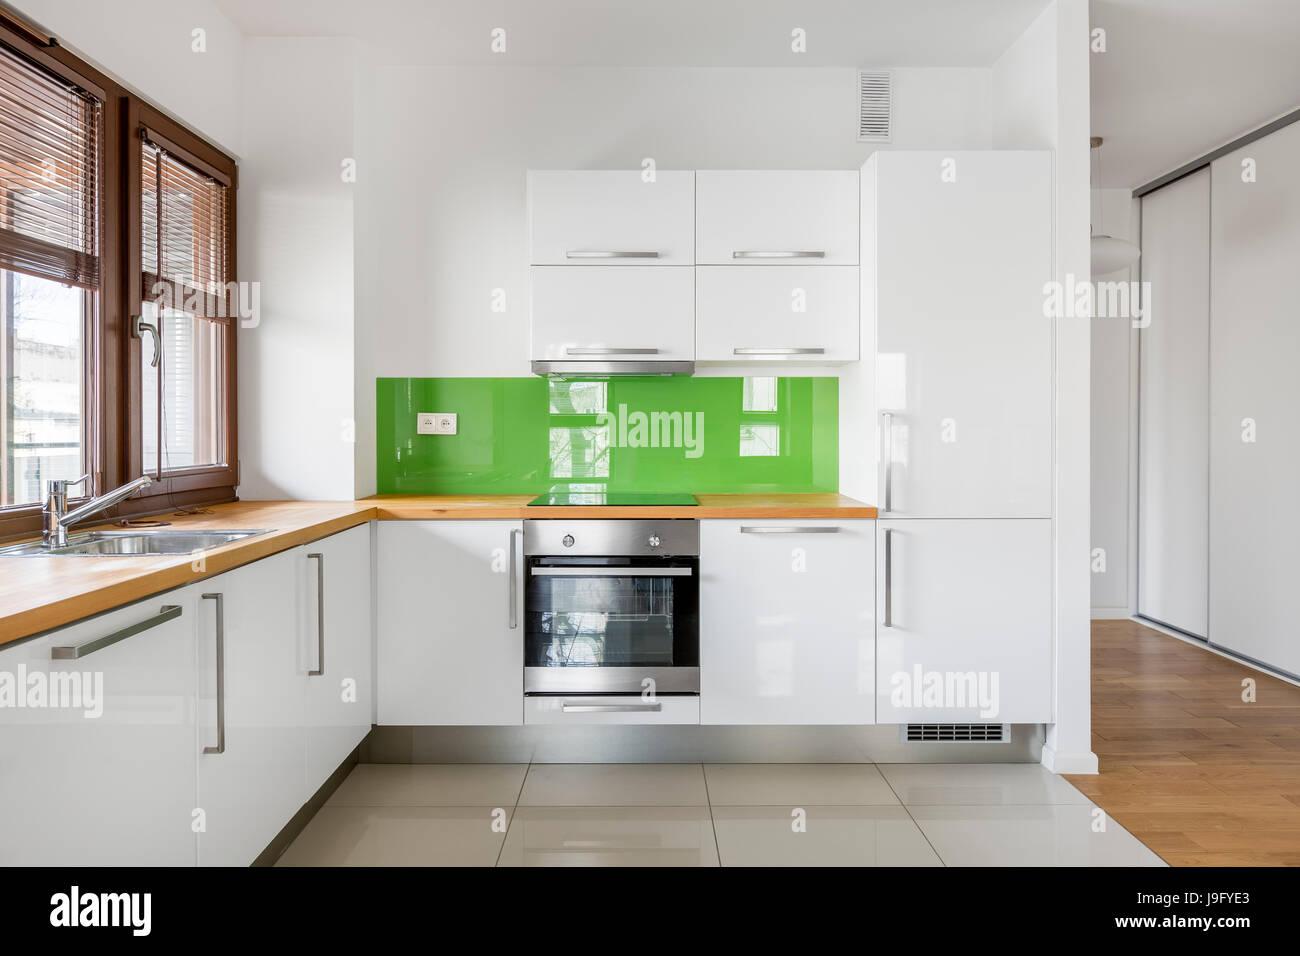 Elevata lucentezza, cucina bianca con una grande finestra, bancone ...